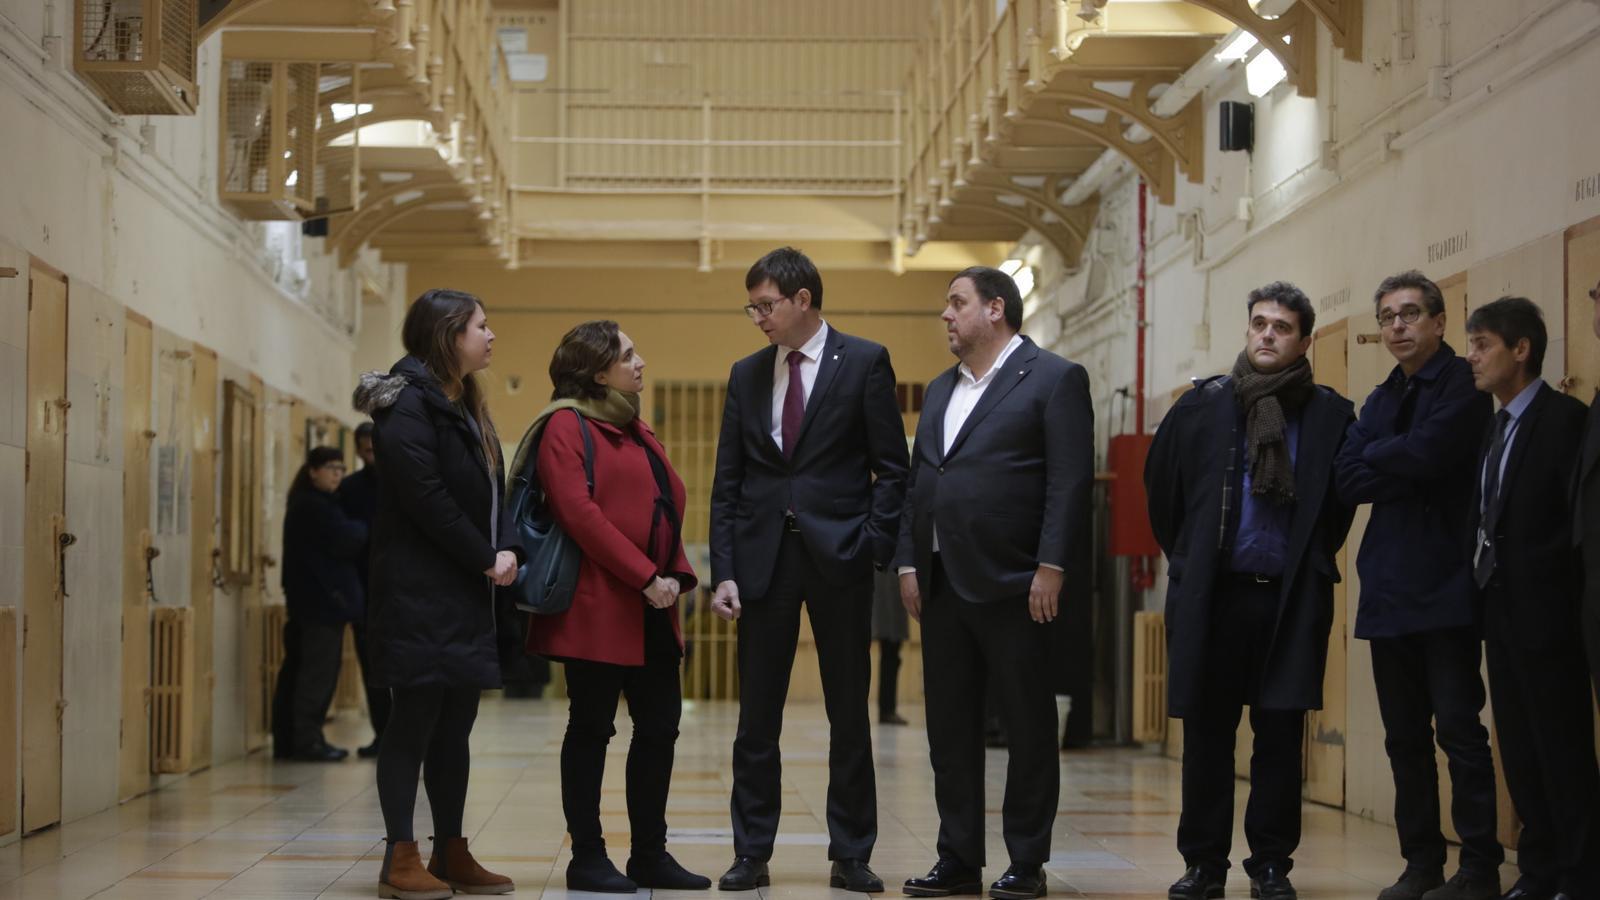 Oriol Junqueras, Carles Mundó, Ada Colau i Janet Sanz visitant l'antiga presó de la Model / PERE TORDERA